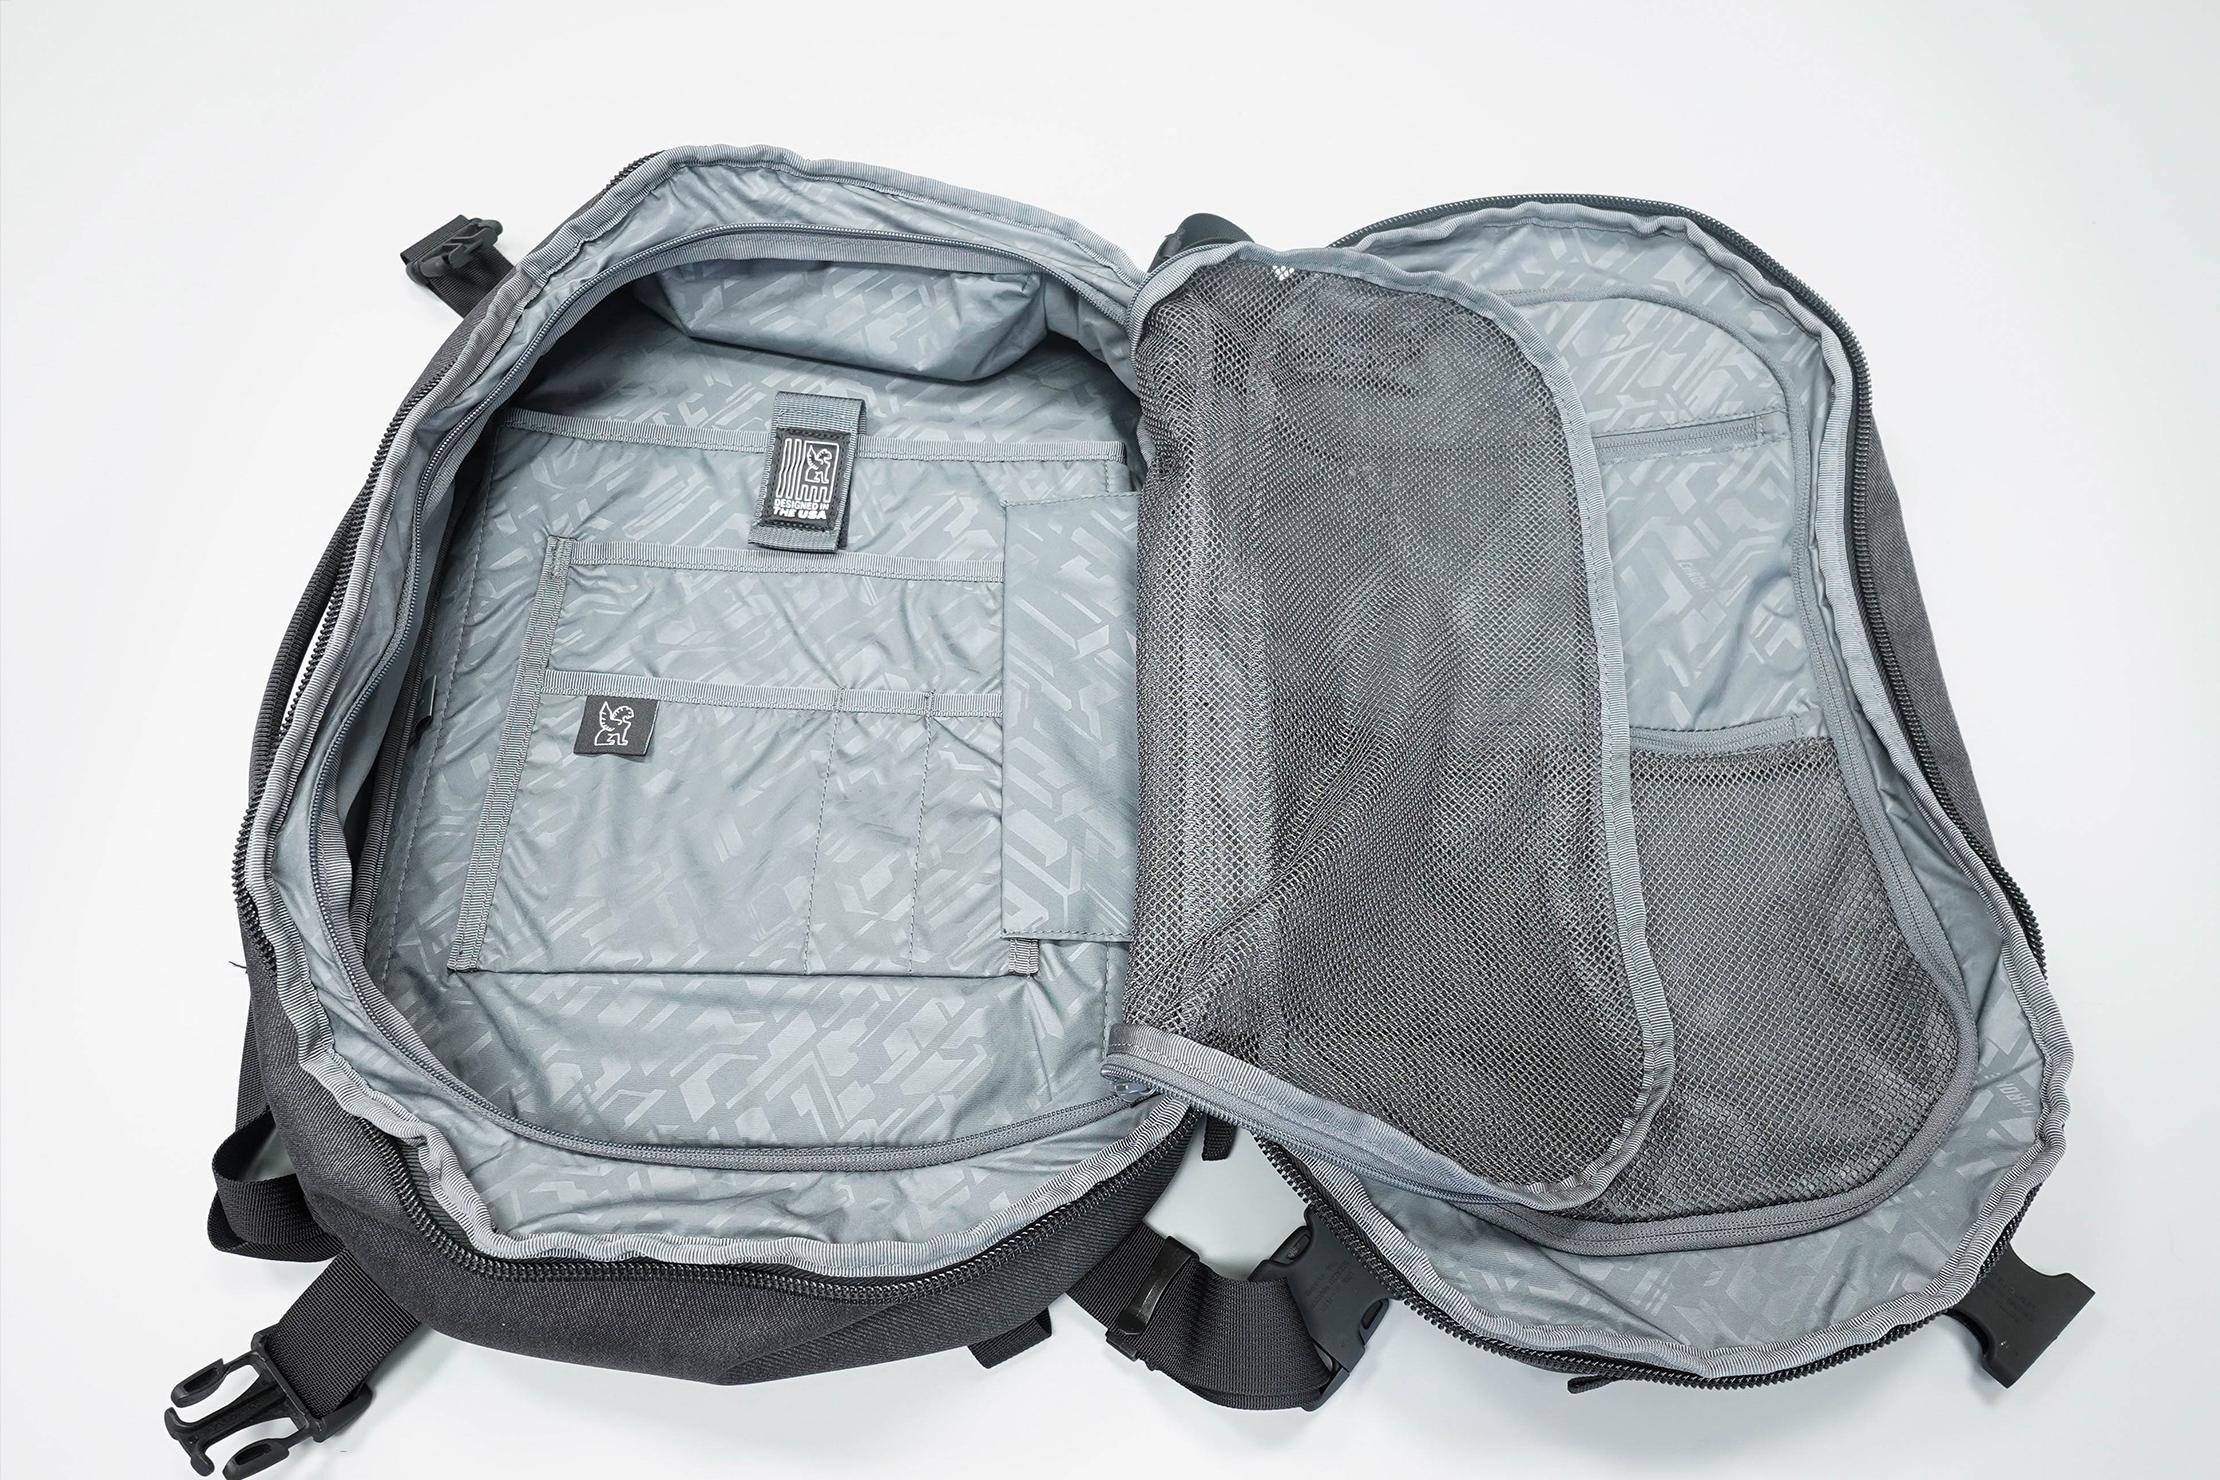 Chrome Summoner Backpack Left Side Open